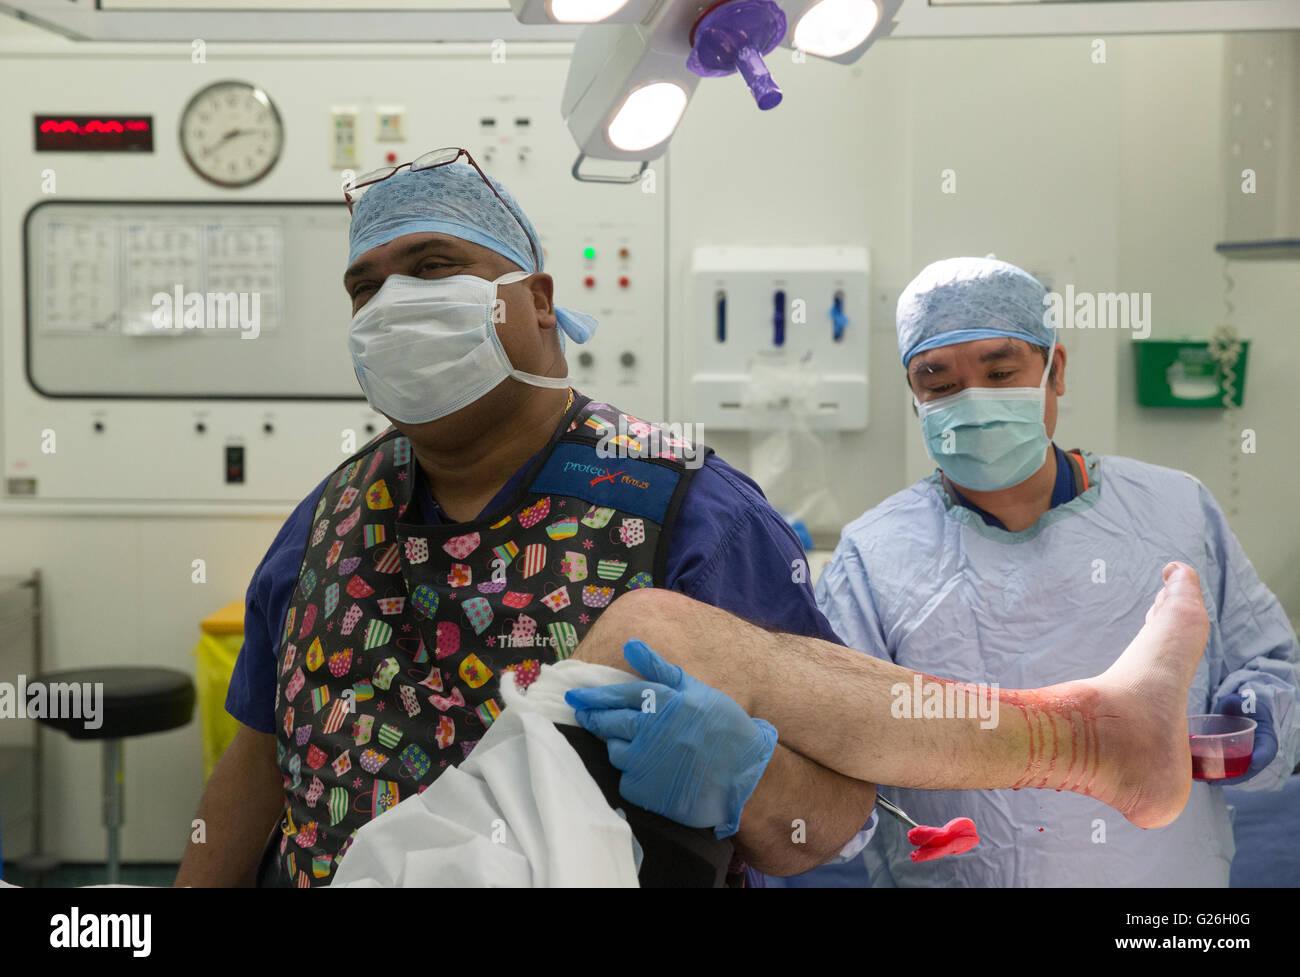 Theater-Techniker Vorbereitung des Patienten für eine operation Stockbild